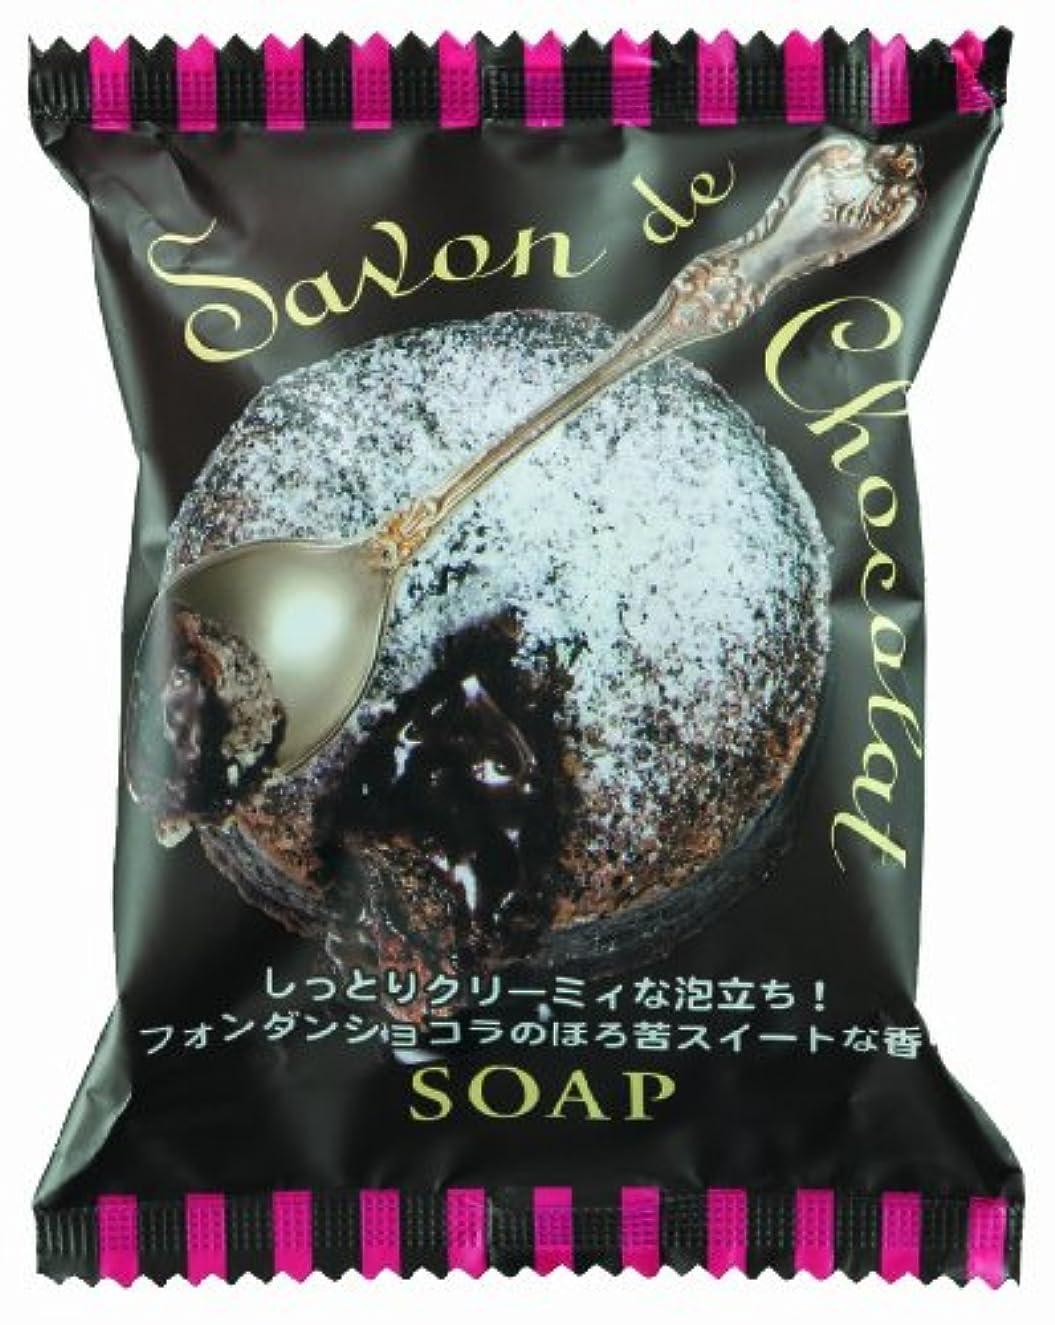 ソファー中止します参照するペリカン石鹸 サボンドショコラソープ 80g